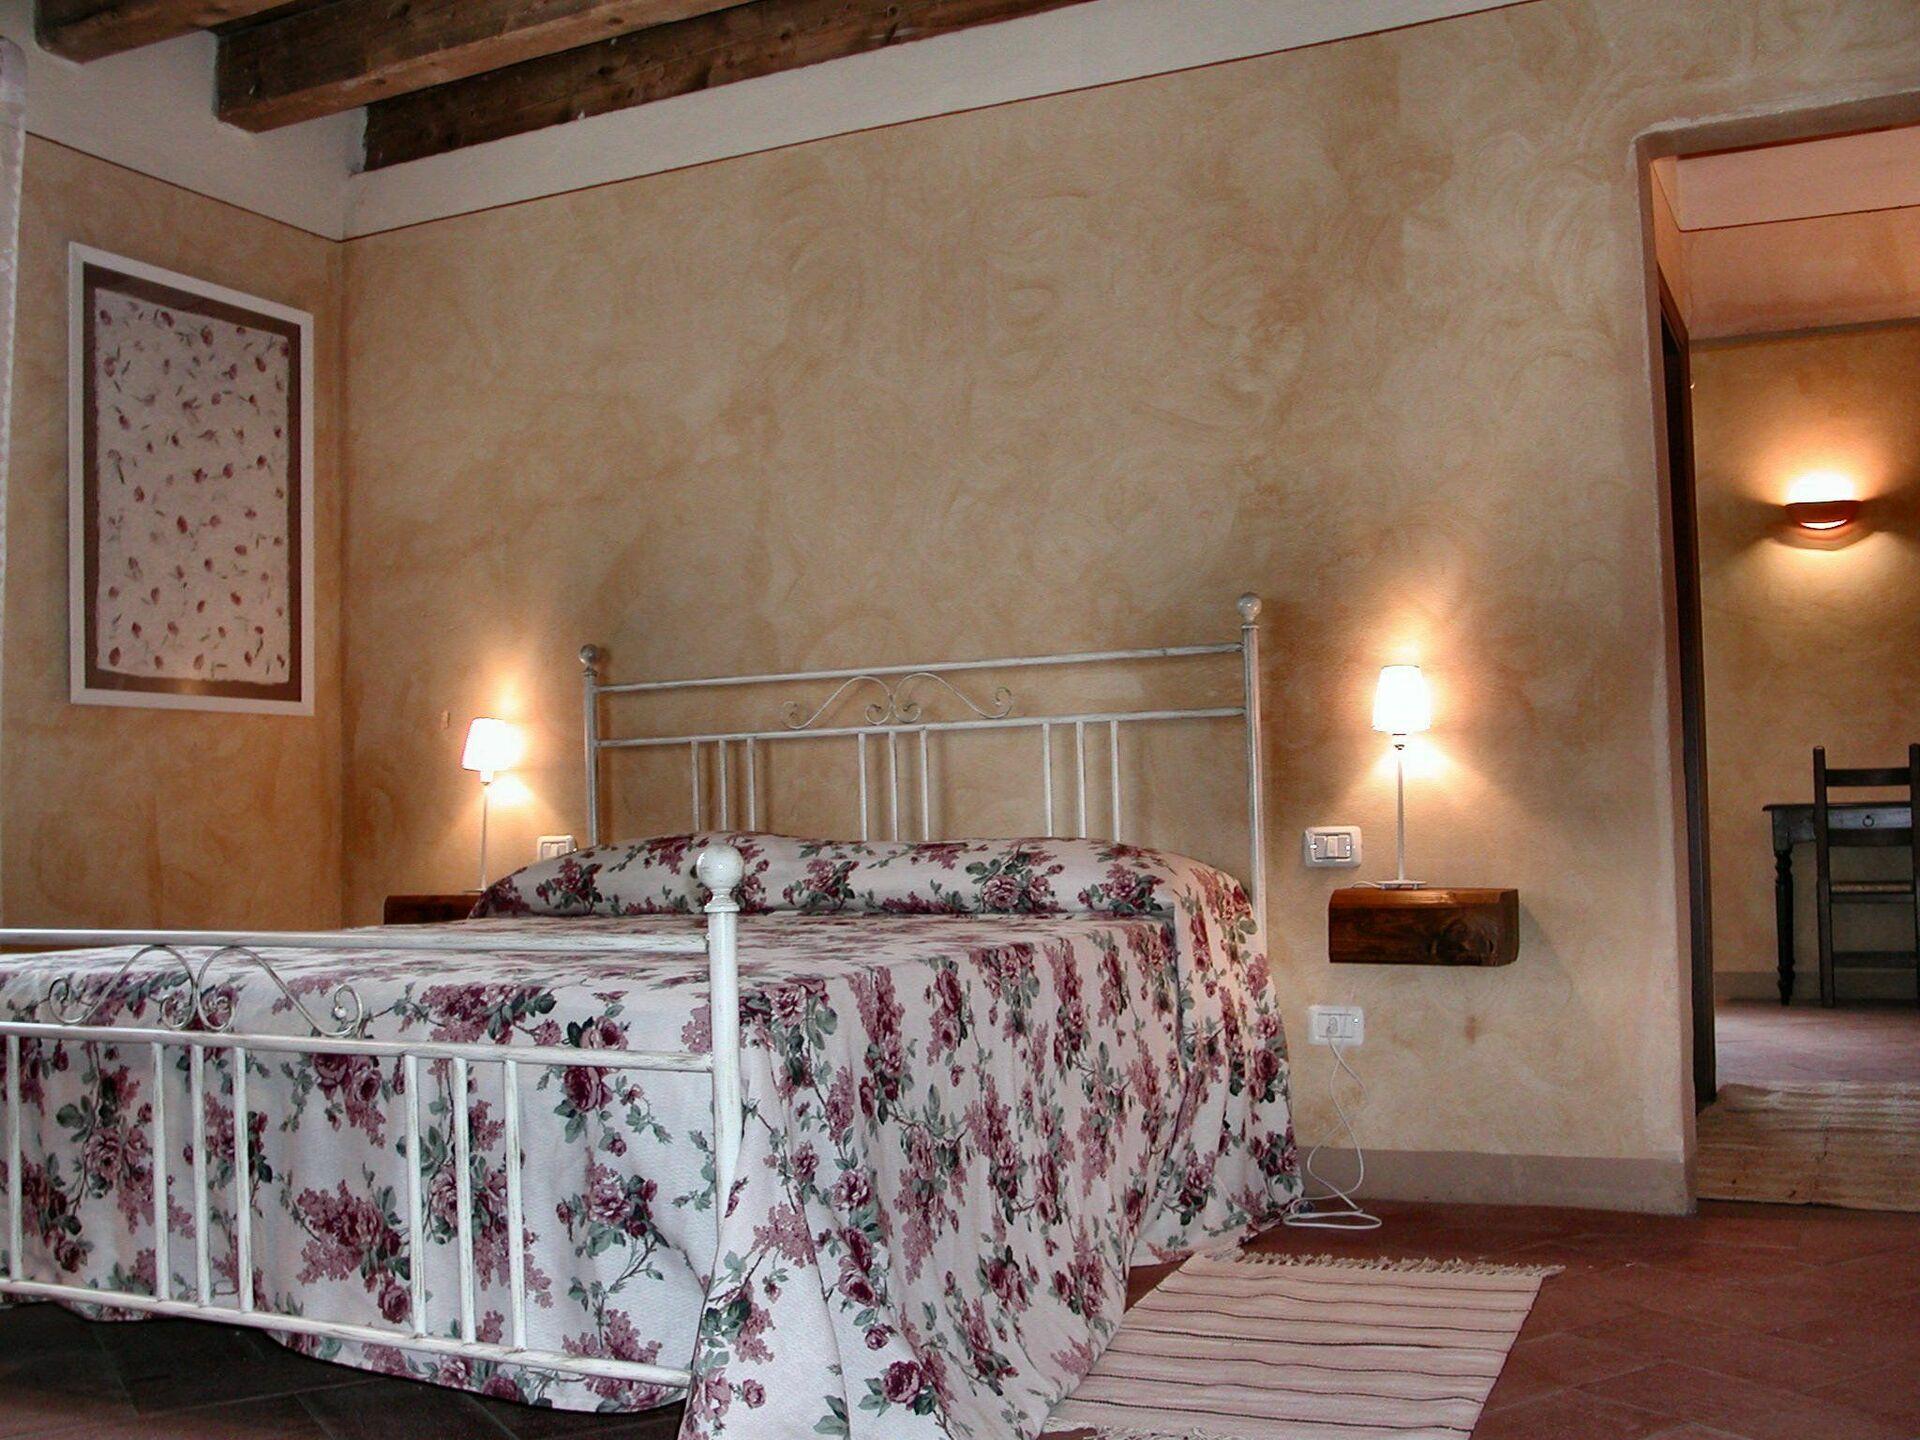 Fattoria di romignano villa vacanza a traiana toscana for Camere da letto b b italia